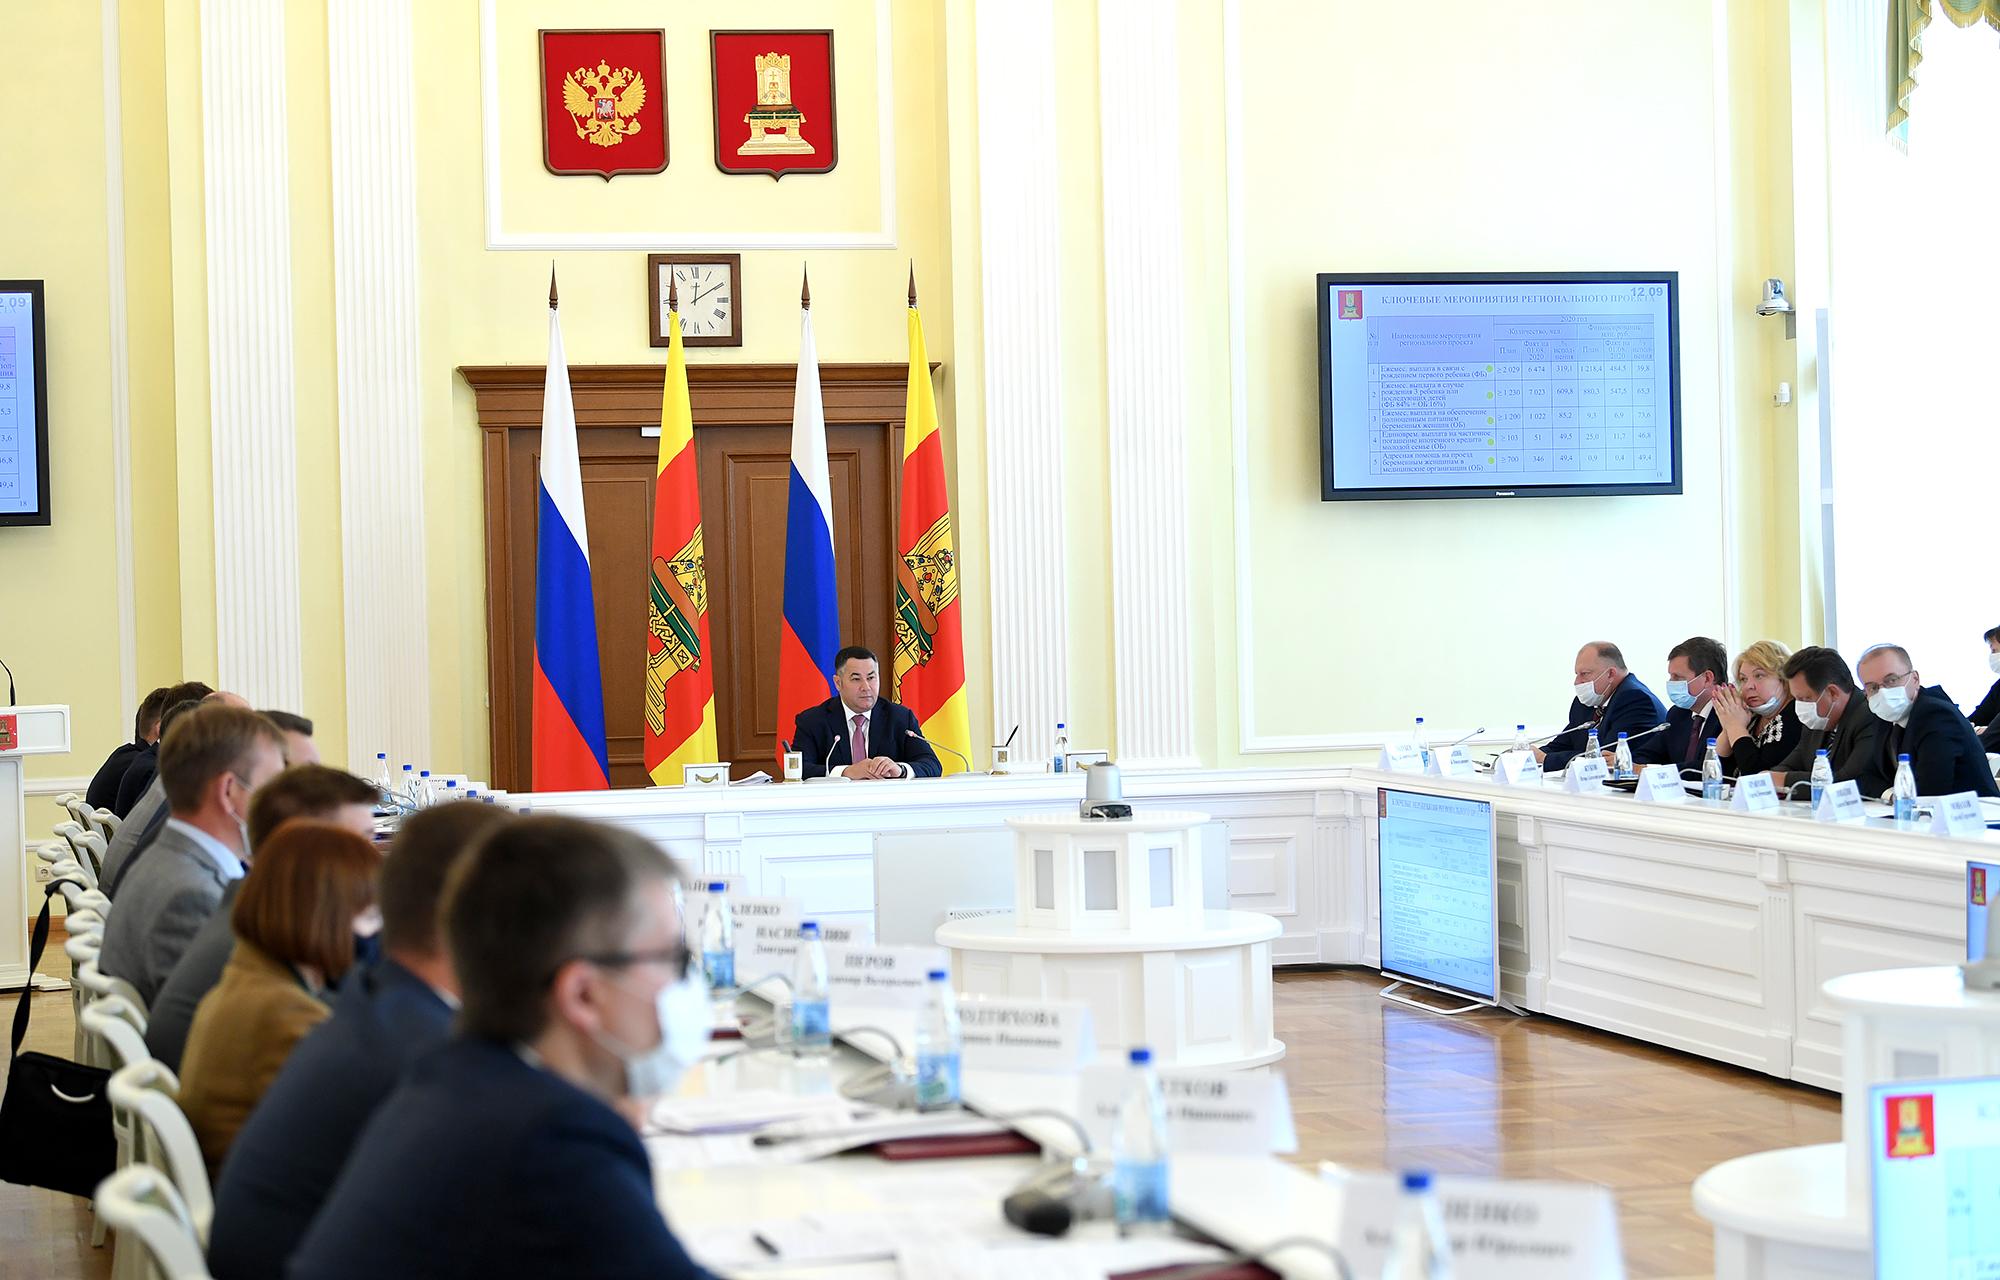 Реализацию государственной молодежной политики в Тверской областирассмотрятна заседании регионального правительства